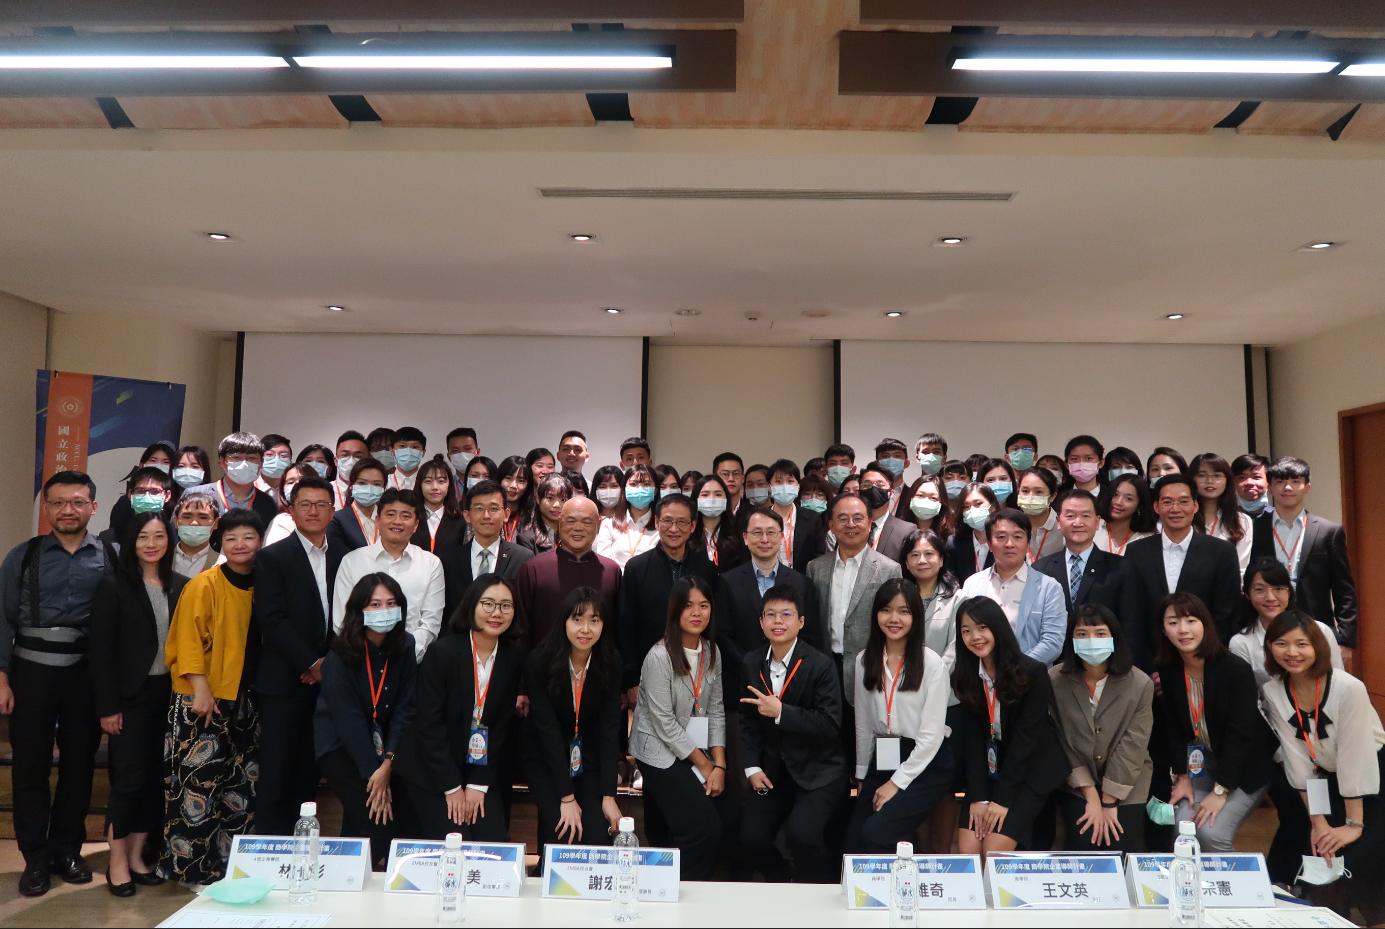 109學年度商學院企業導師計畫師徒見面會 八位EMBA業師現身傳承經驗